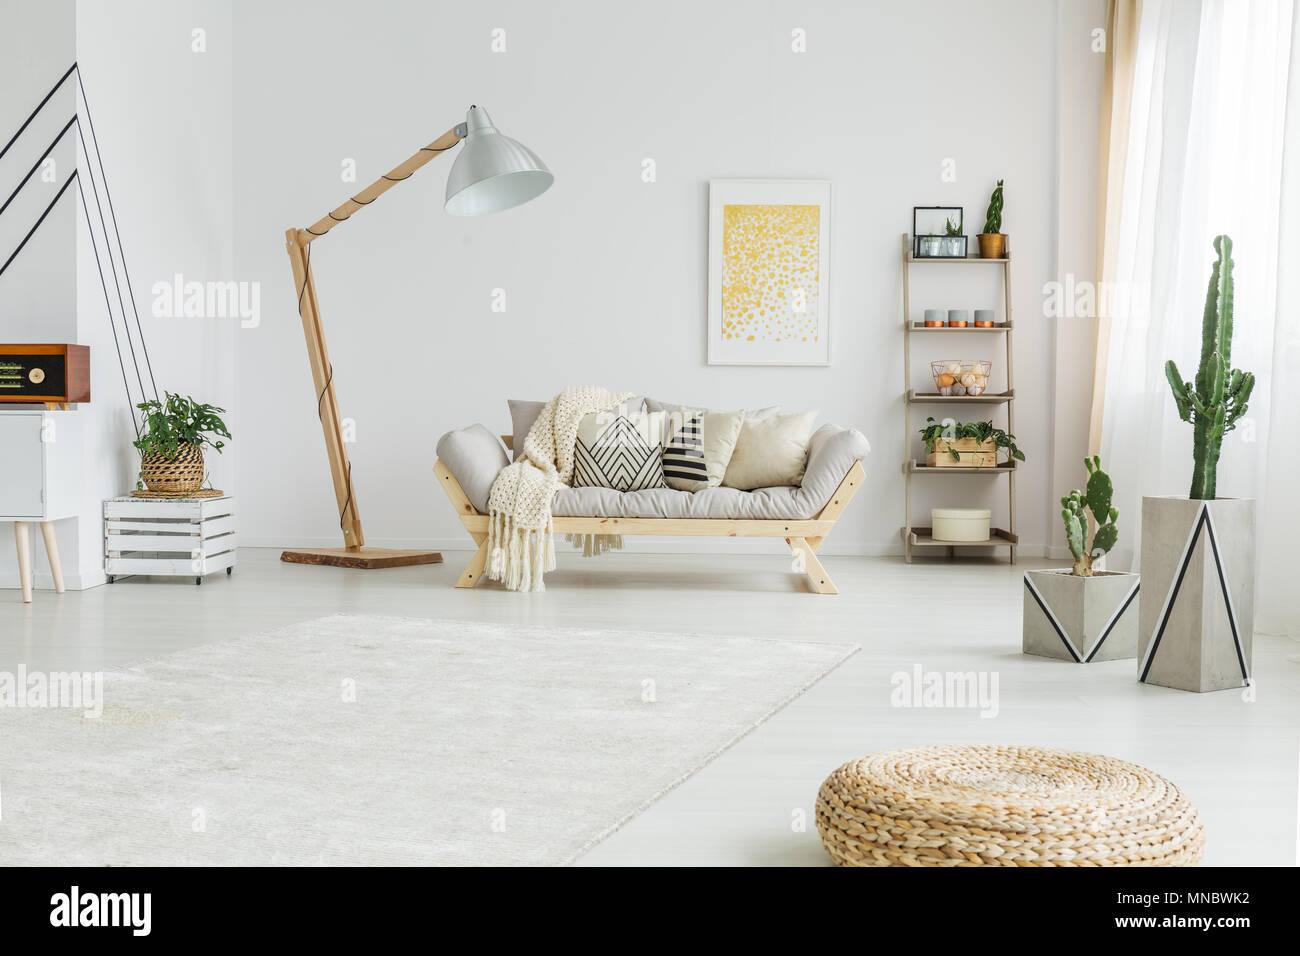 Frische grüne Pflanzen in Weiß modernes Wohnzimmer Stockfoto, Bild ...